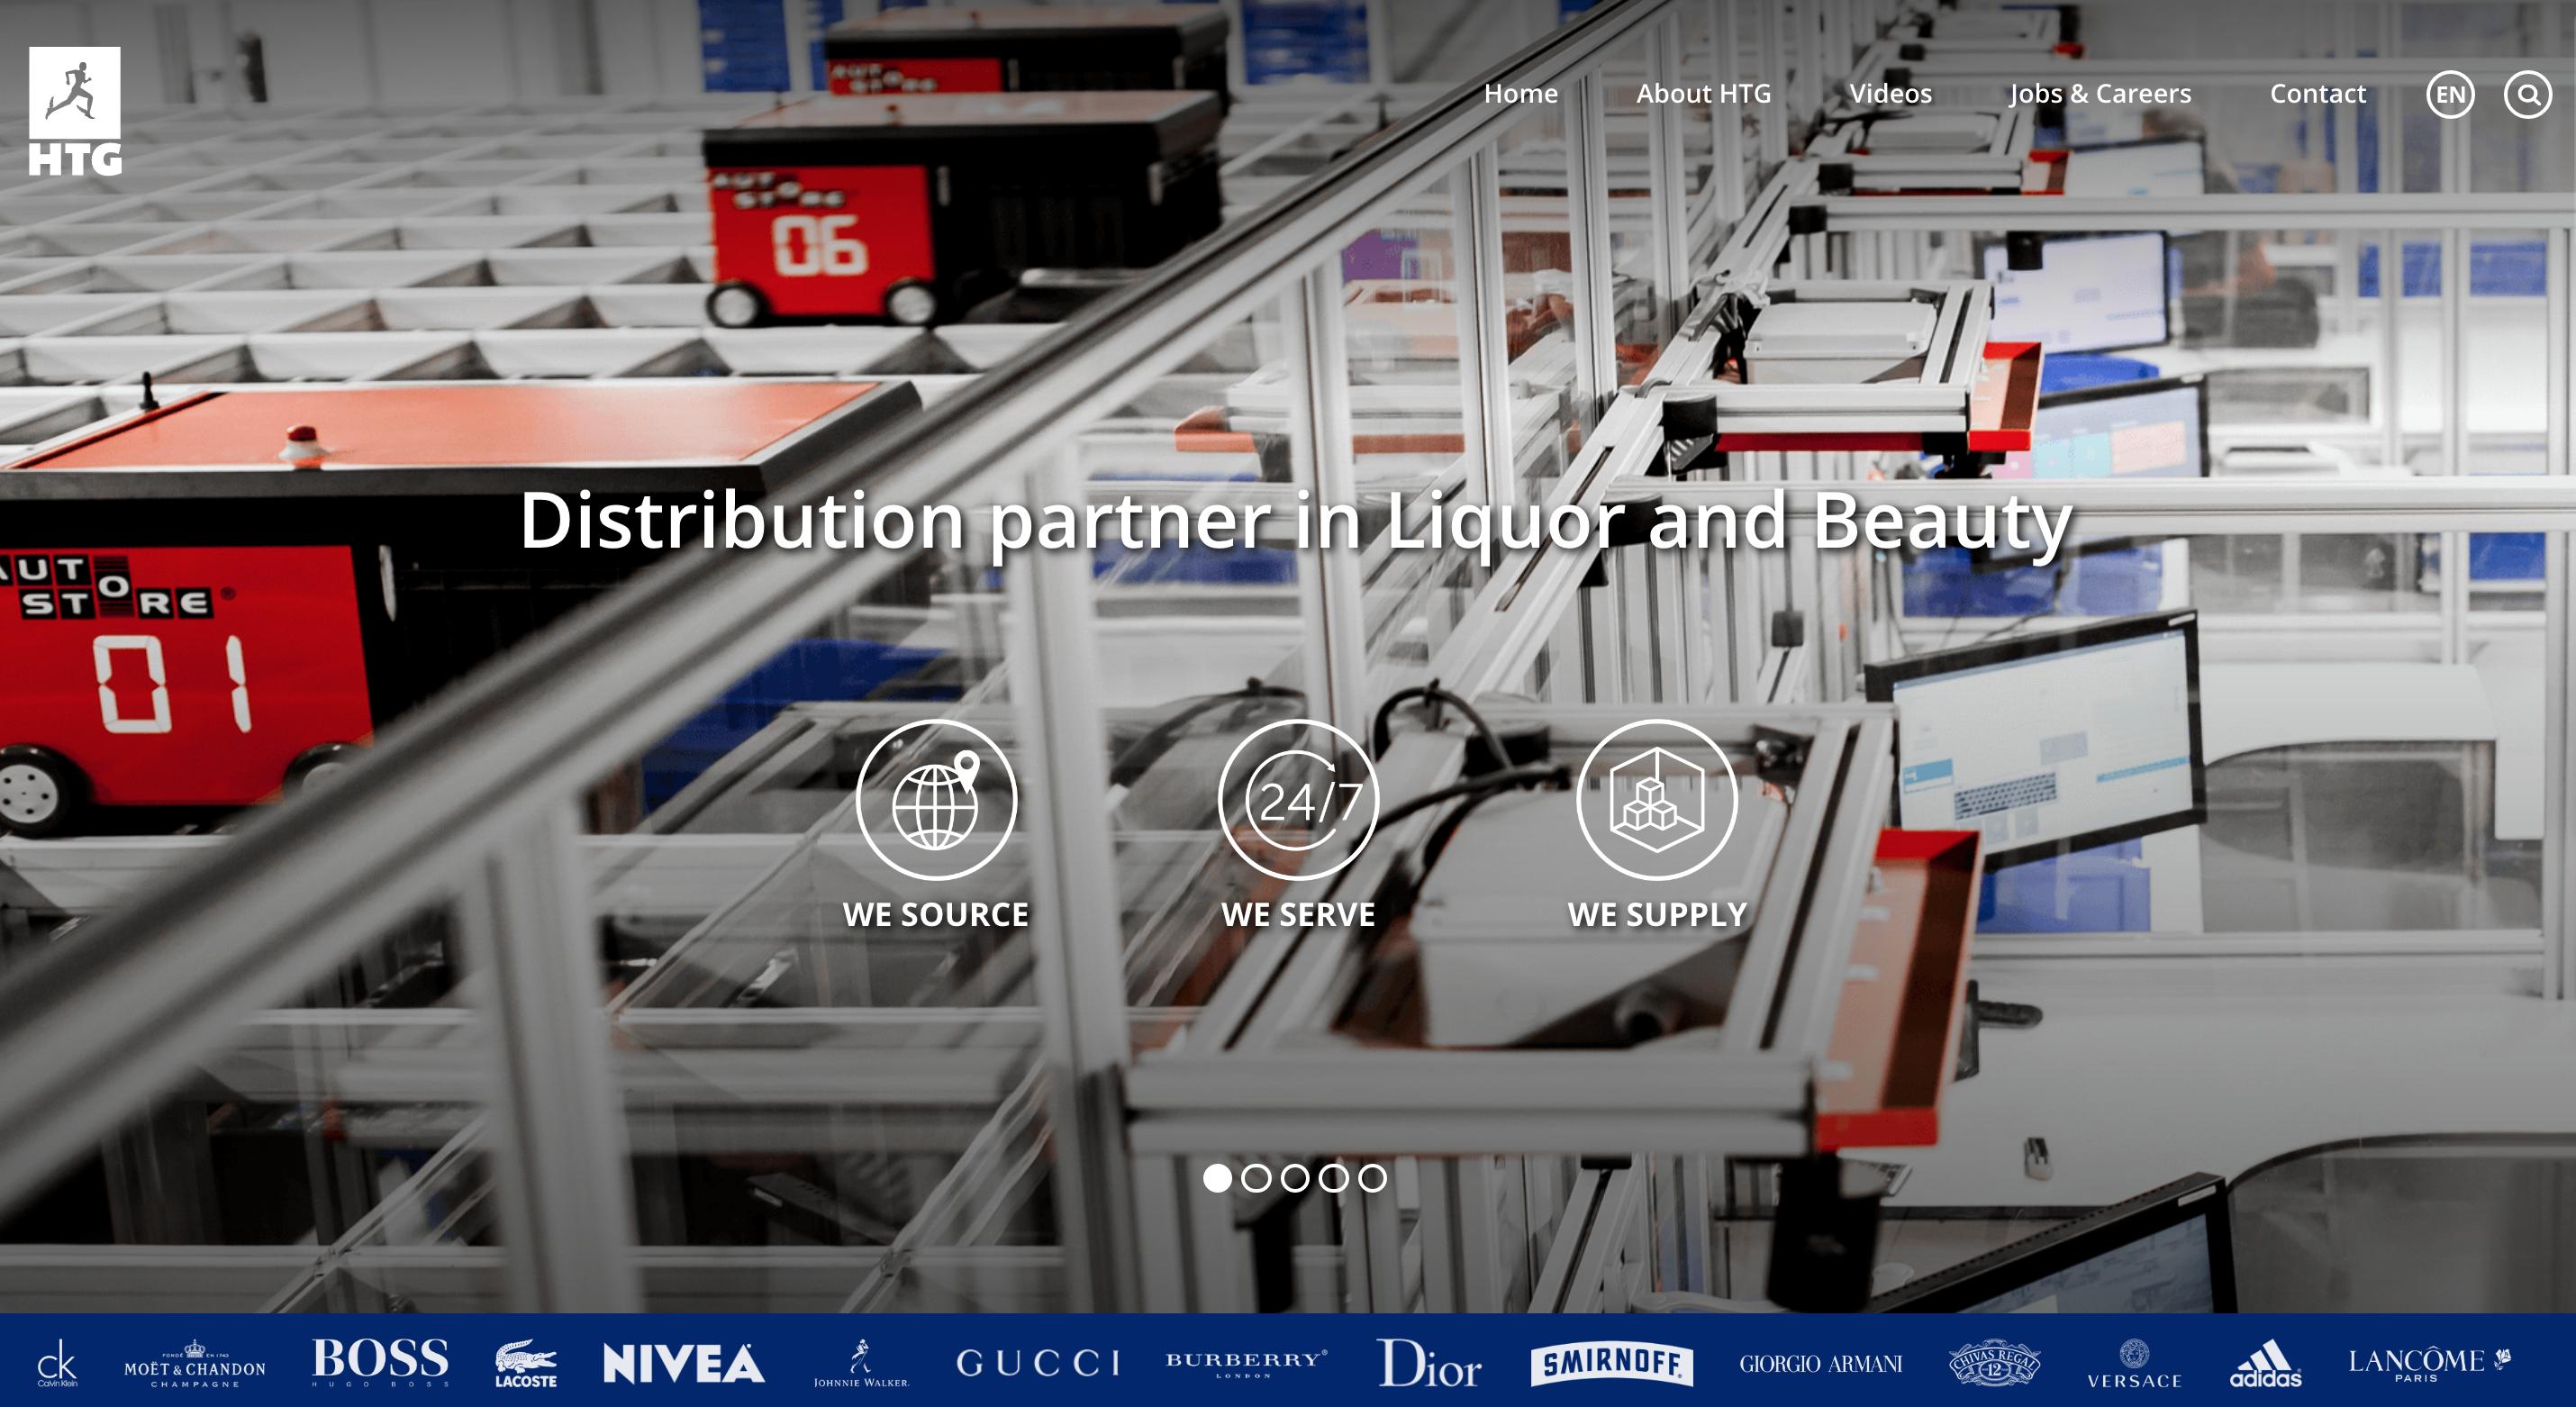 Website design - HTG